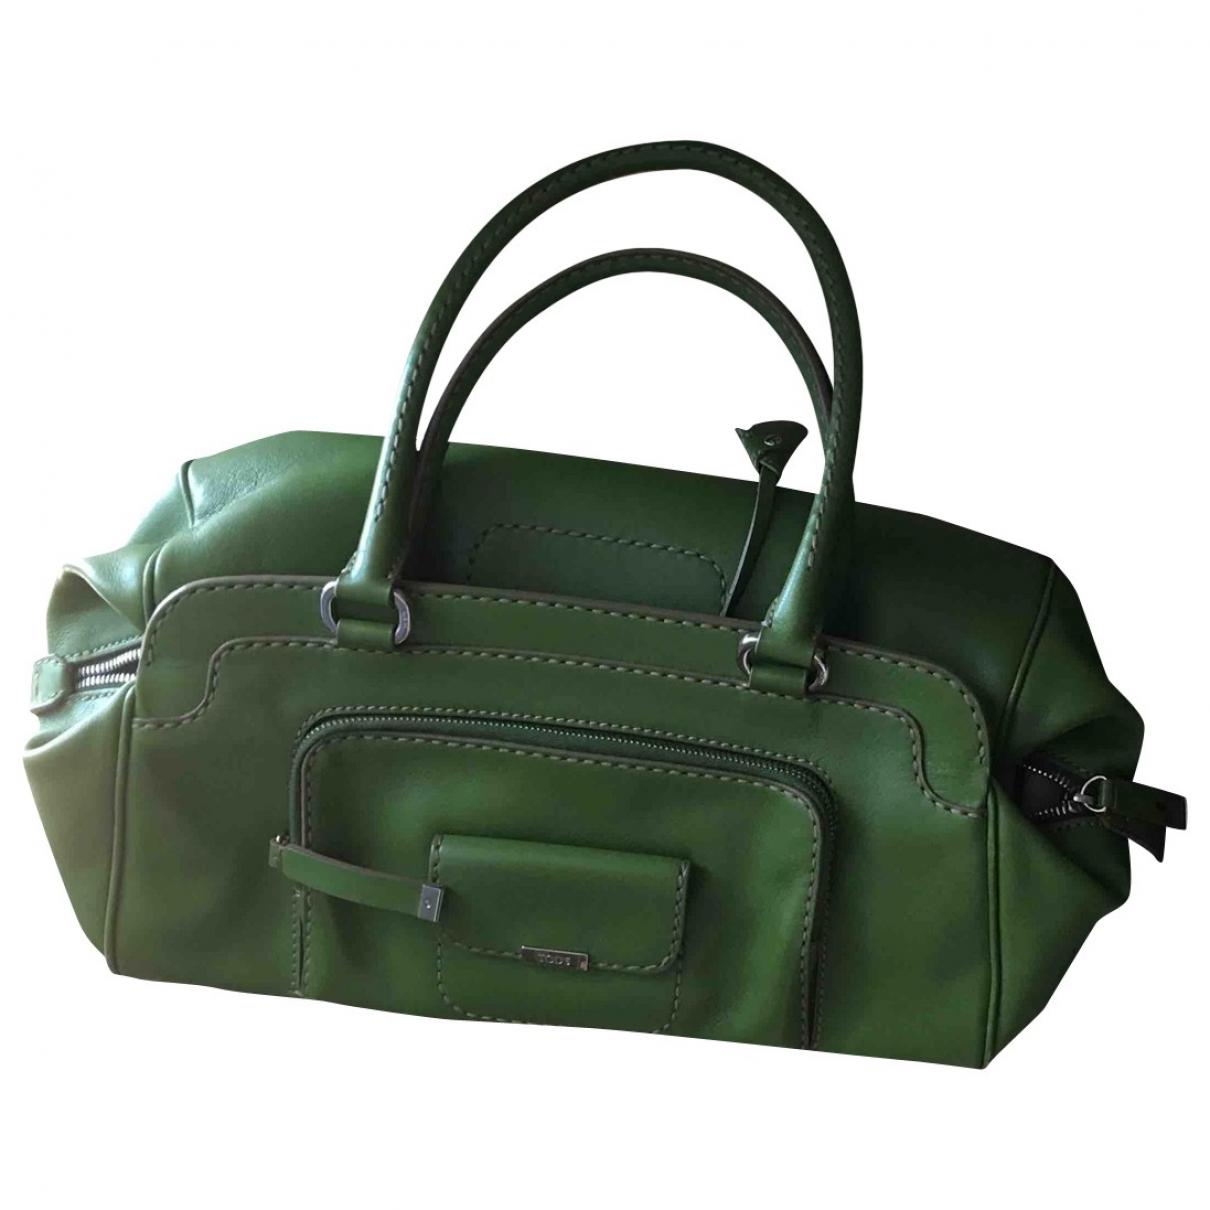 Tods \N Handtasche in  Gruen Leder